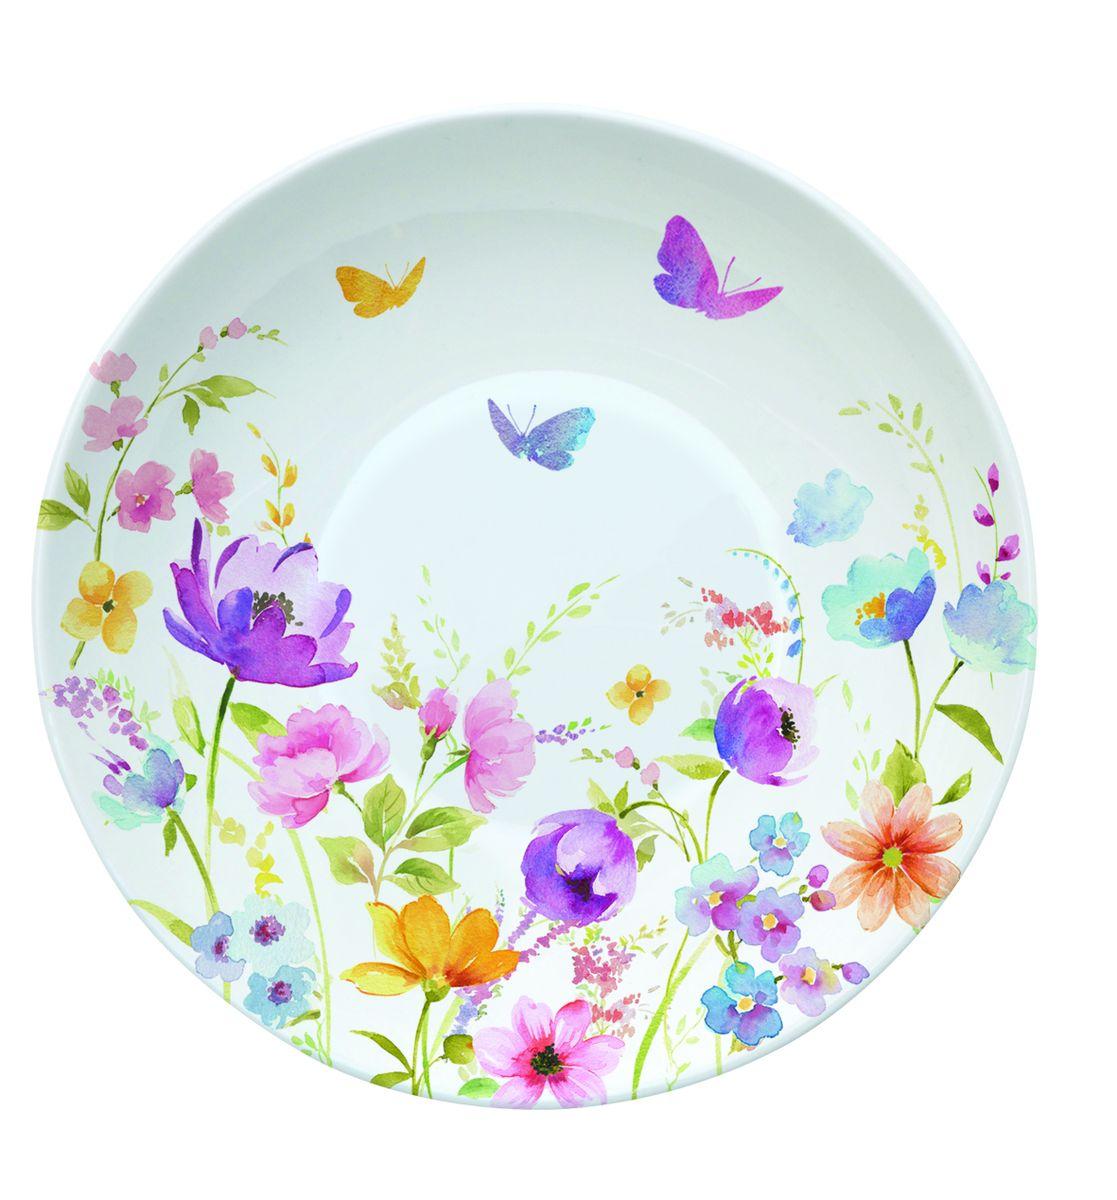 Блюдце Nuova R2S Полевые цветы, диаметр 10 см338FLDCБлюдце Nuova R2S Полевые цветы выполнено из высококачественного фарфора. Изделие оформлено цветочным рисунком. Изящное блюдце не только красиво оформит стол к чаепитию, но и станет прекрасным подарком друзьям и близким. Диаметр блюдца: 10 см.